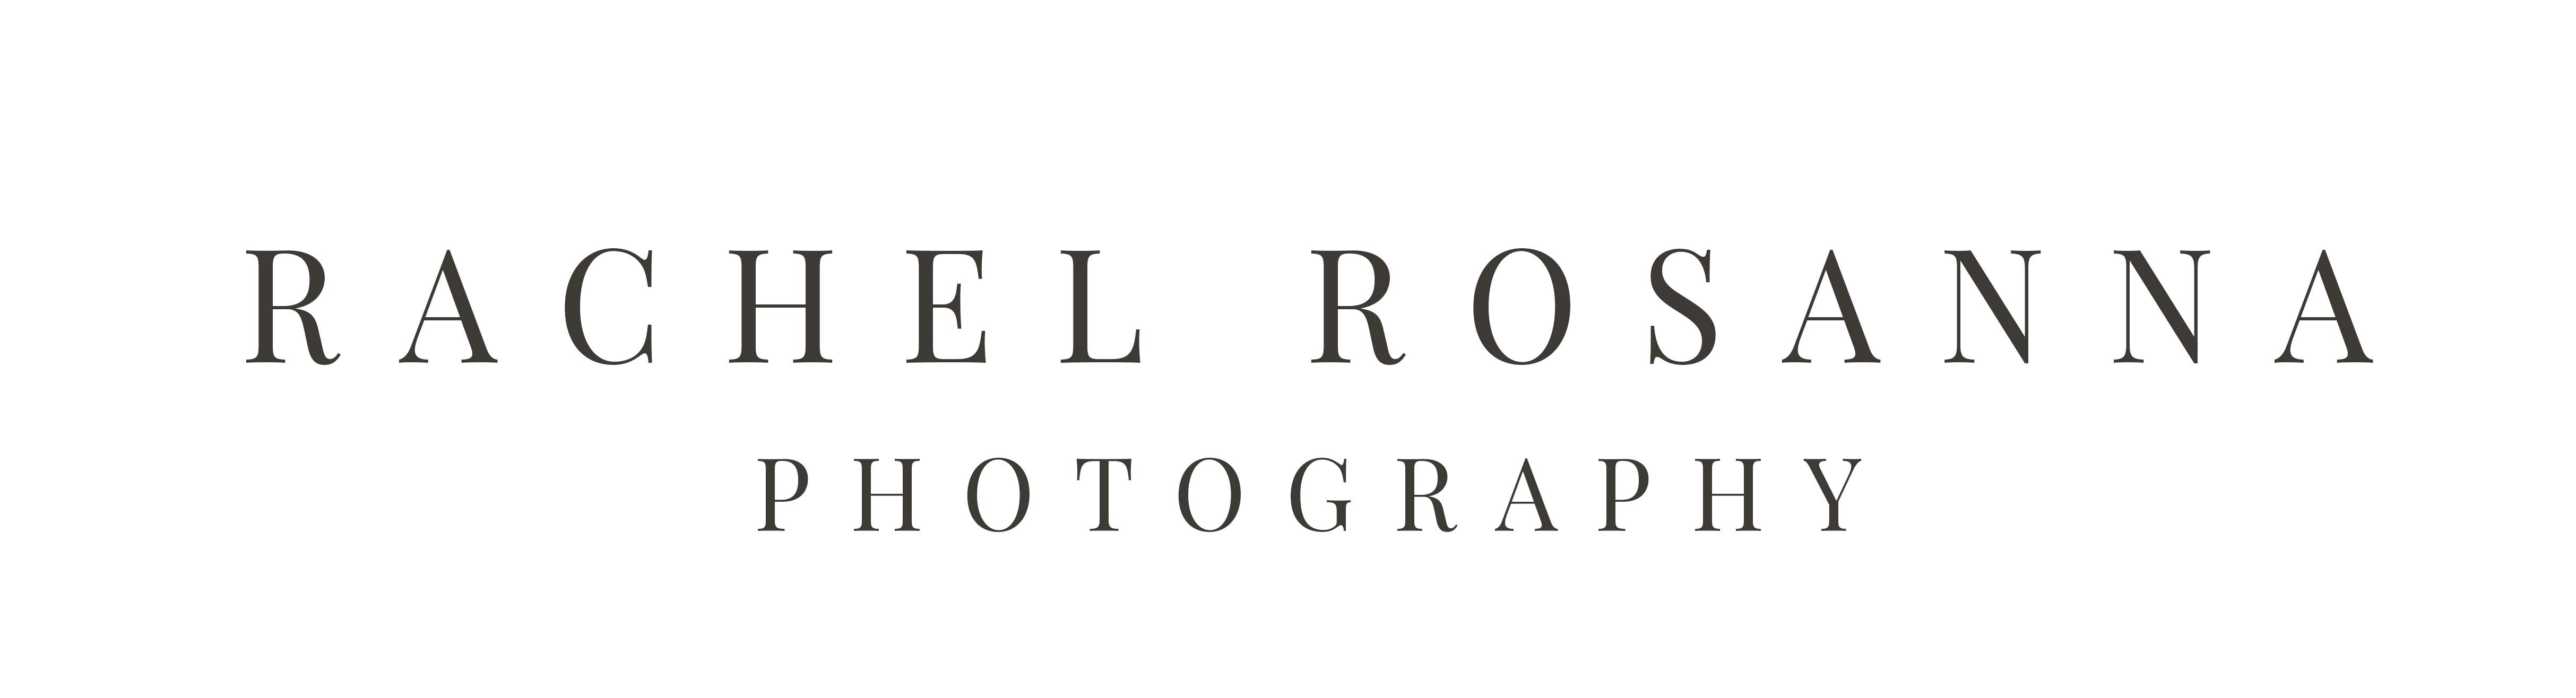 Rachel Rosanna Photography